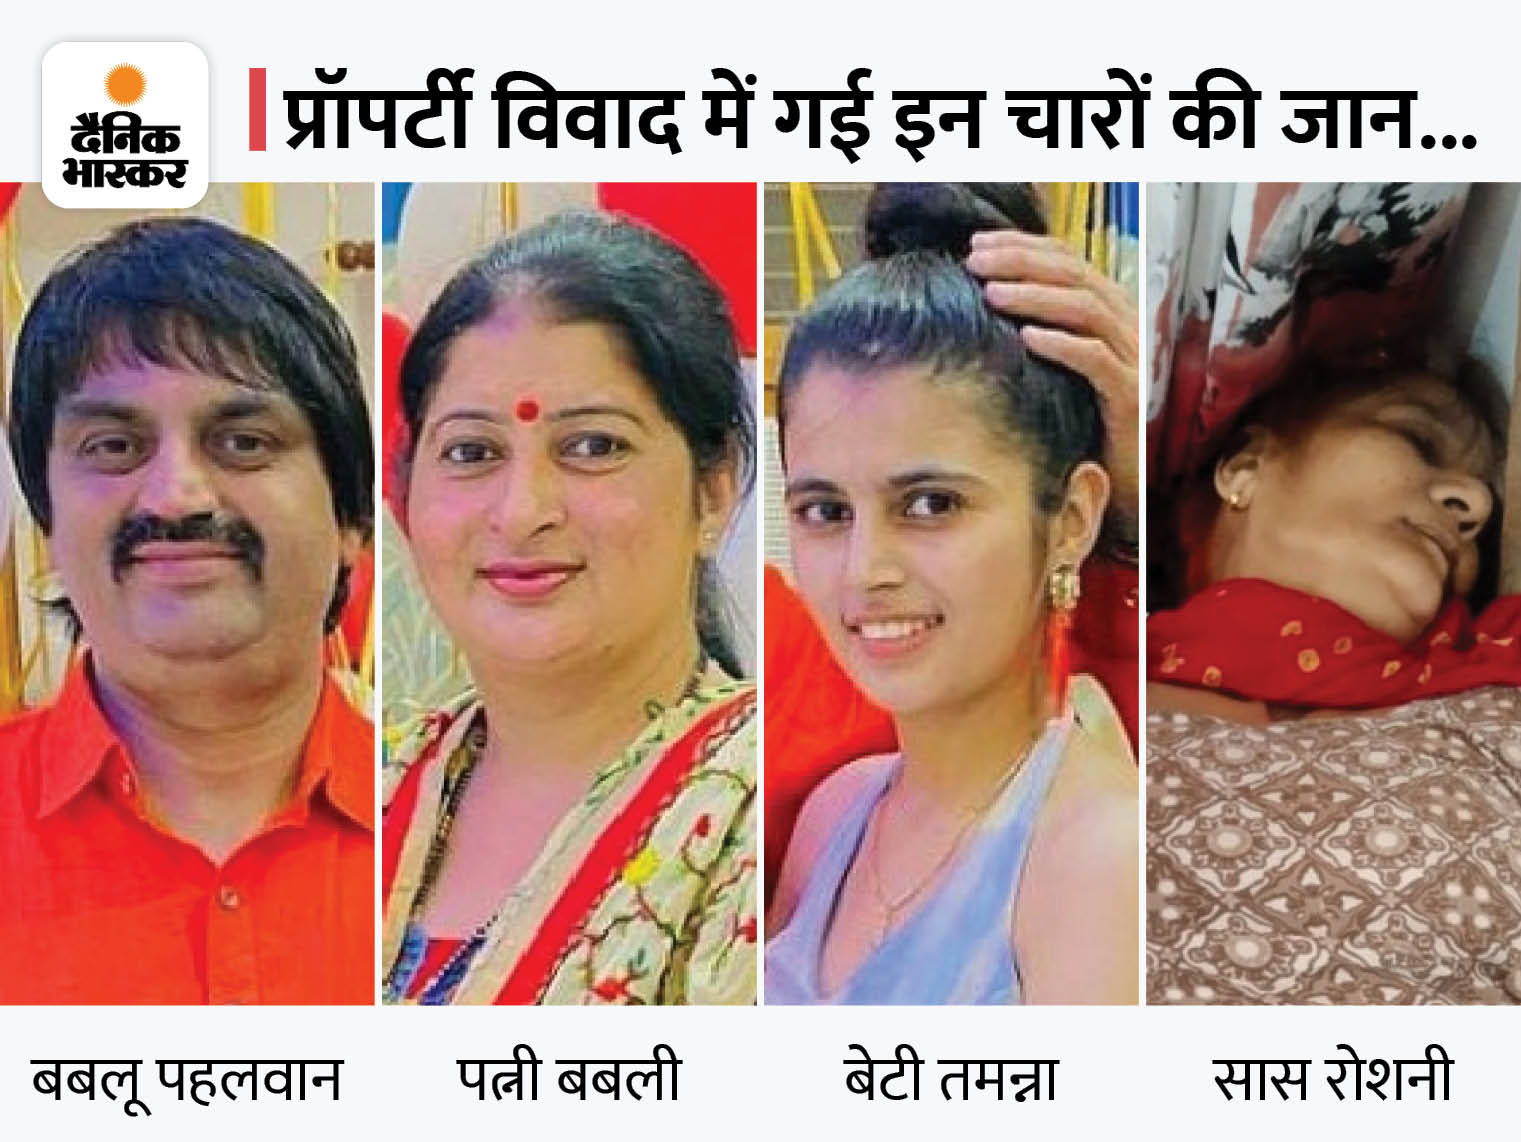 पुलिस ने तहसीलदार से मांगा परिवार की प्रॉपर्टी का ब्यौरा; इकलौते बेटे ने जेंडर बदलवाकर लिव-इन FRIEND से शादी से रोकने पर किया मां-बाप, बहन और नानी का मर्डर|रोहतक,Rohtak - Dainik Bhaskar